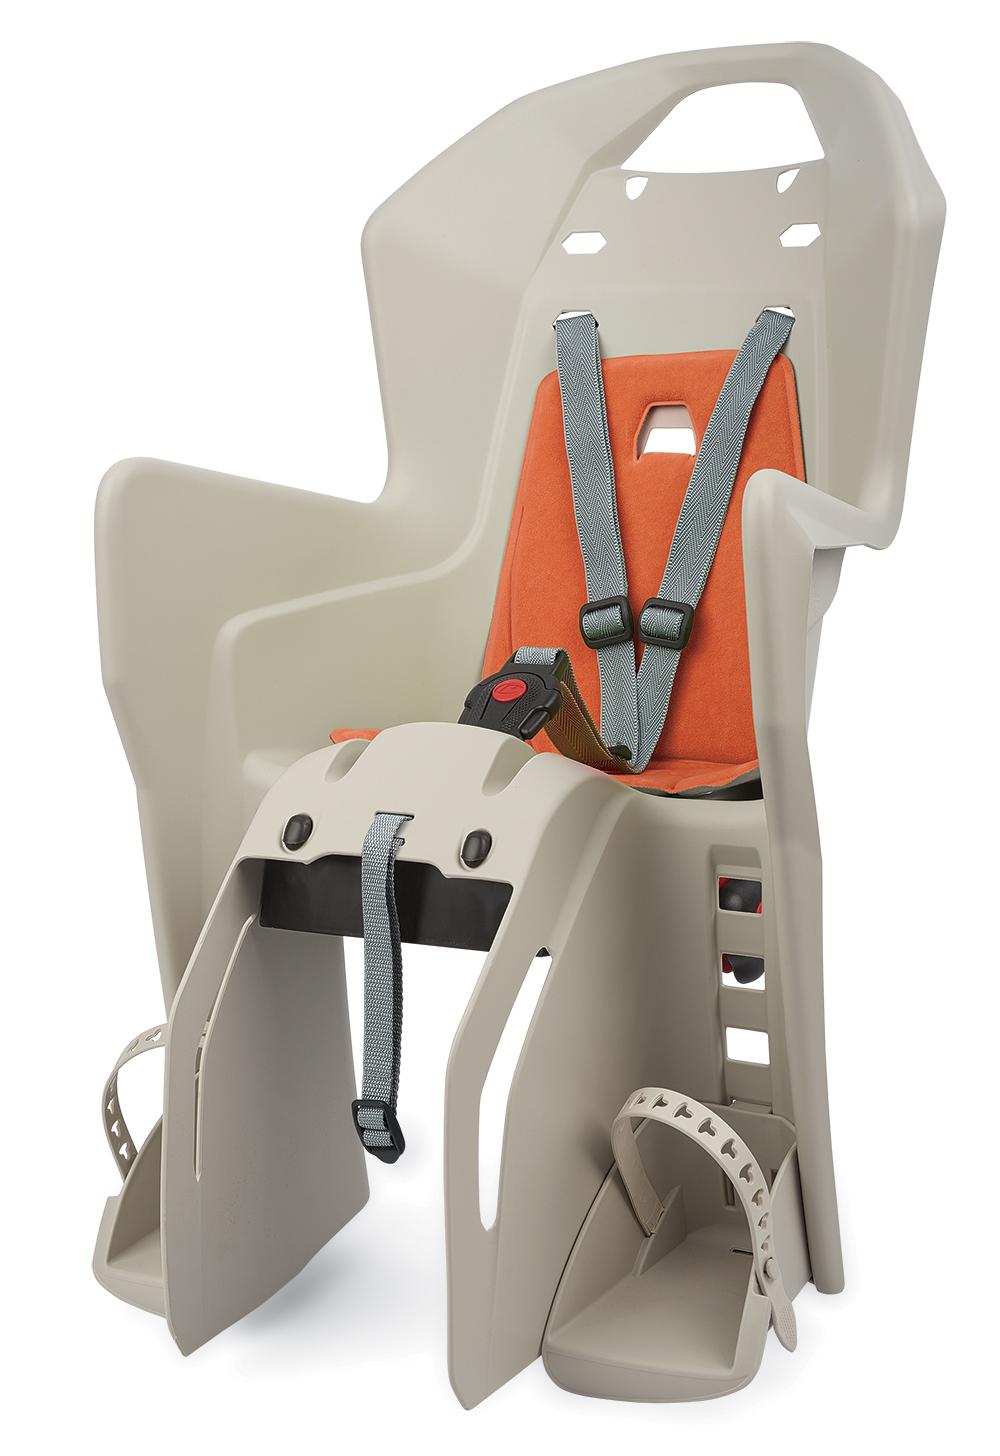 Sjedalo za dj. stražnje KOOLAH na nosač CFS Cream/Orange Polisport